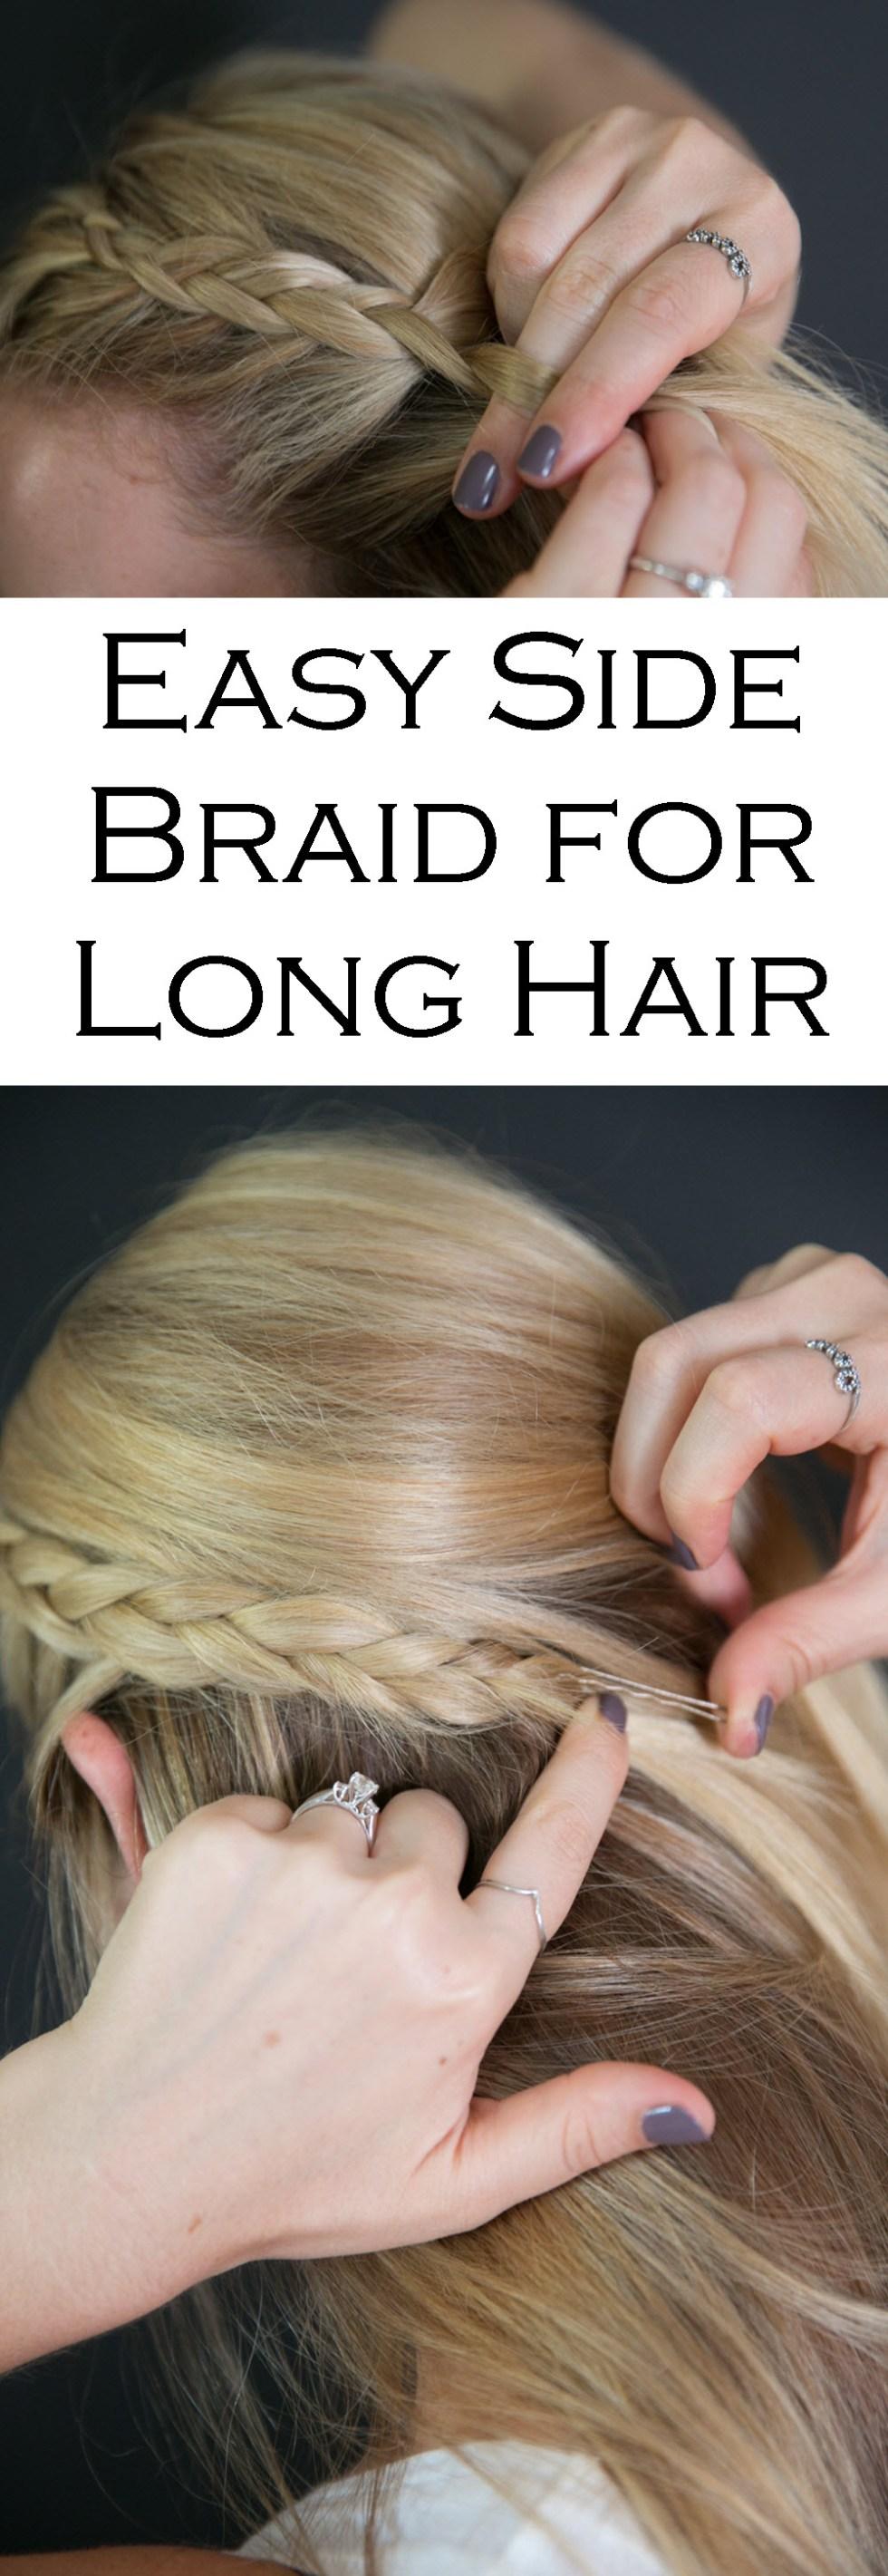 Easy Side Braids for Long Hair